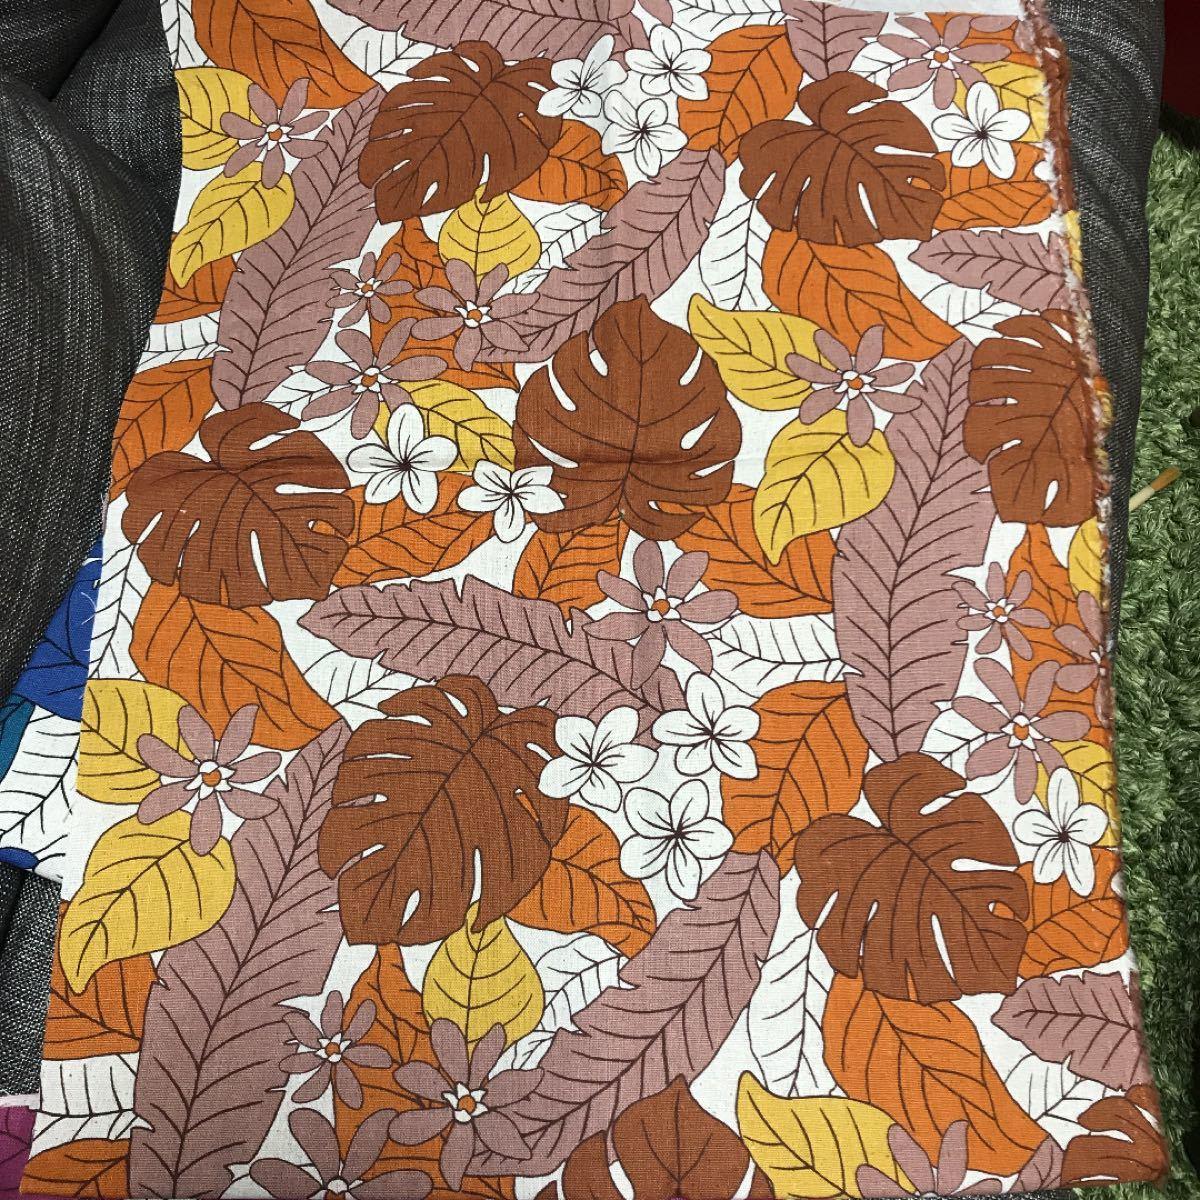 ハンドメイド 生地 はキレ 布 四色セット 手芸 雑貨